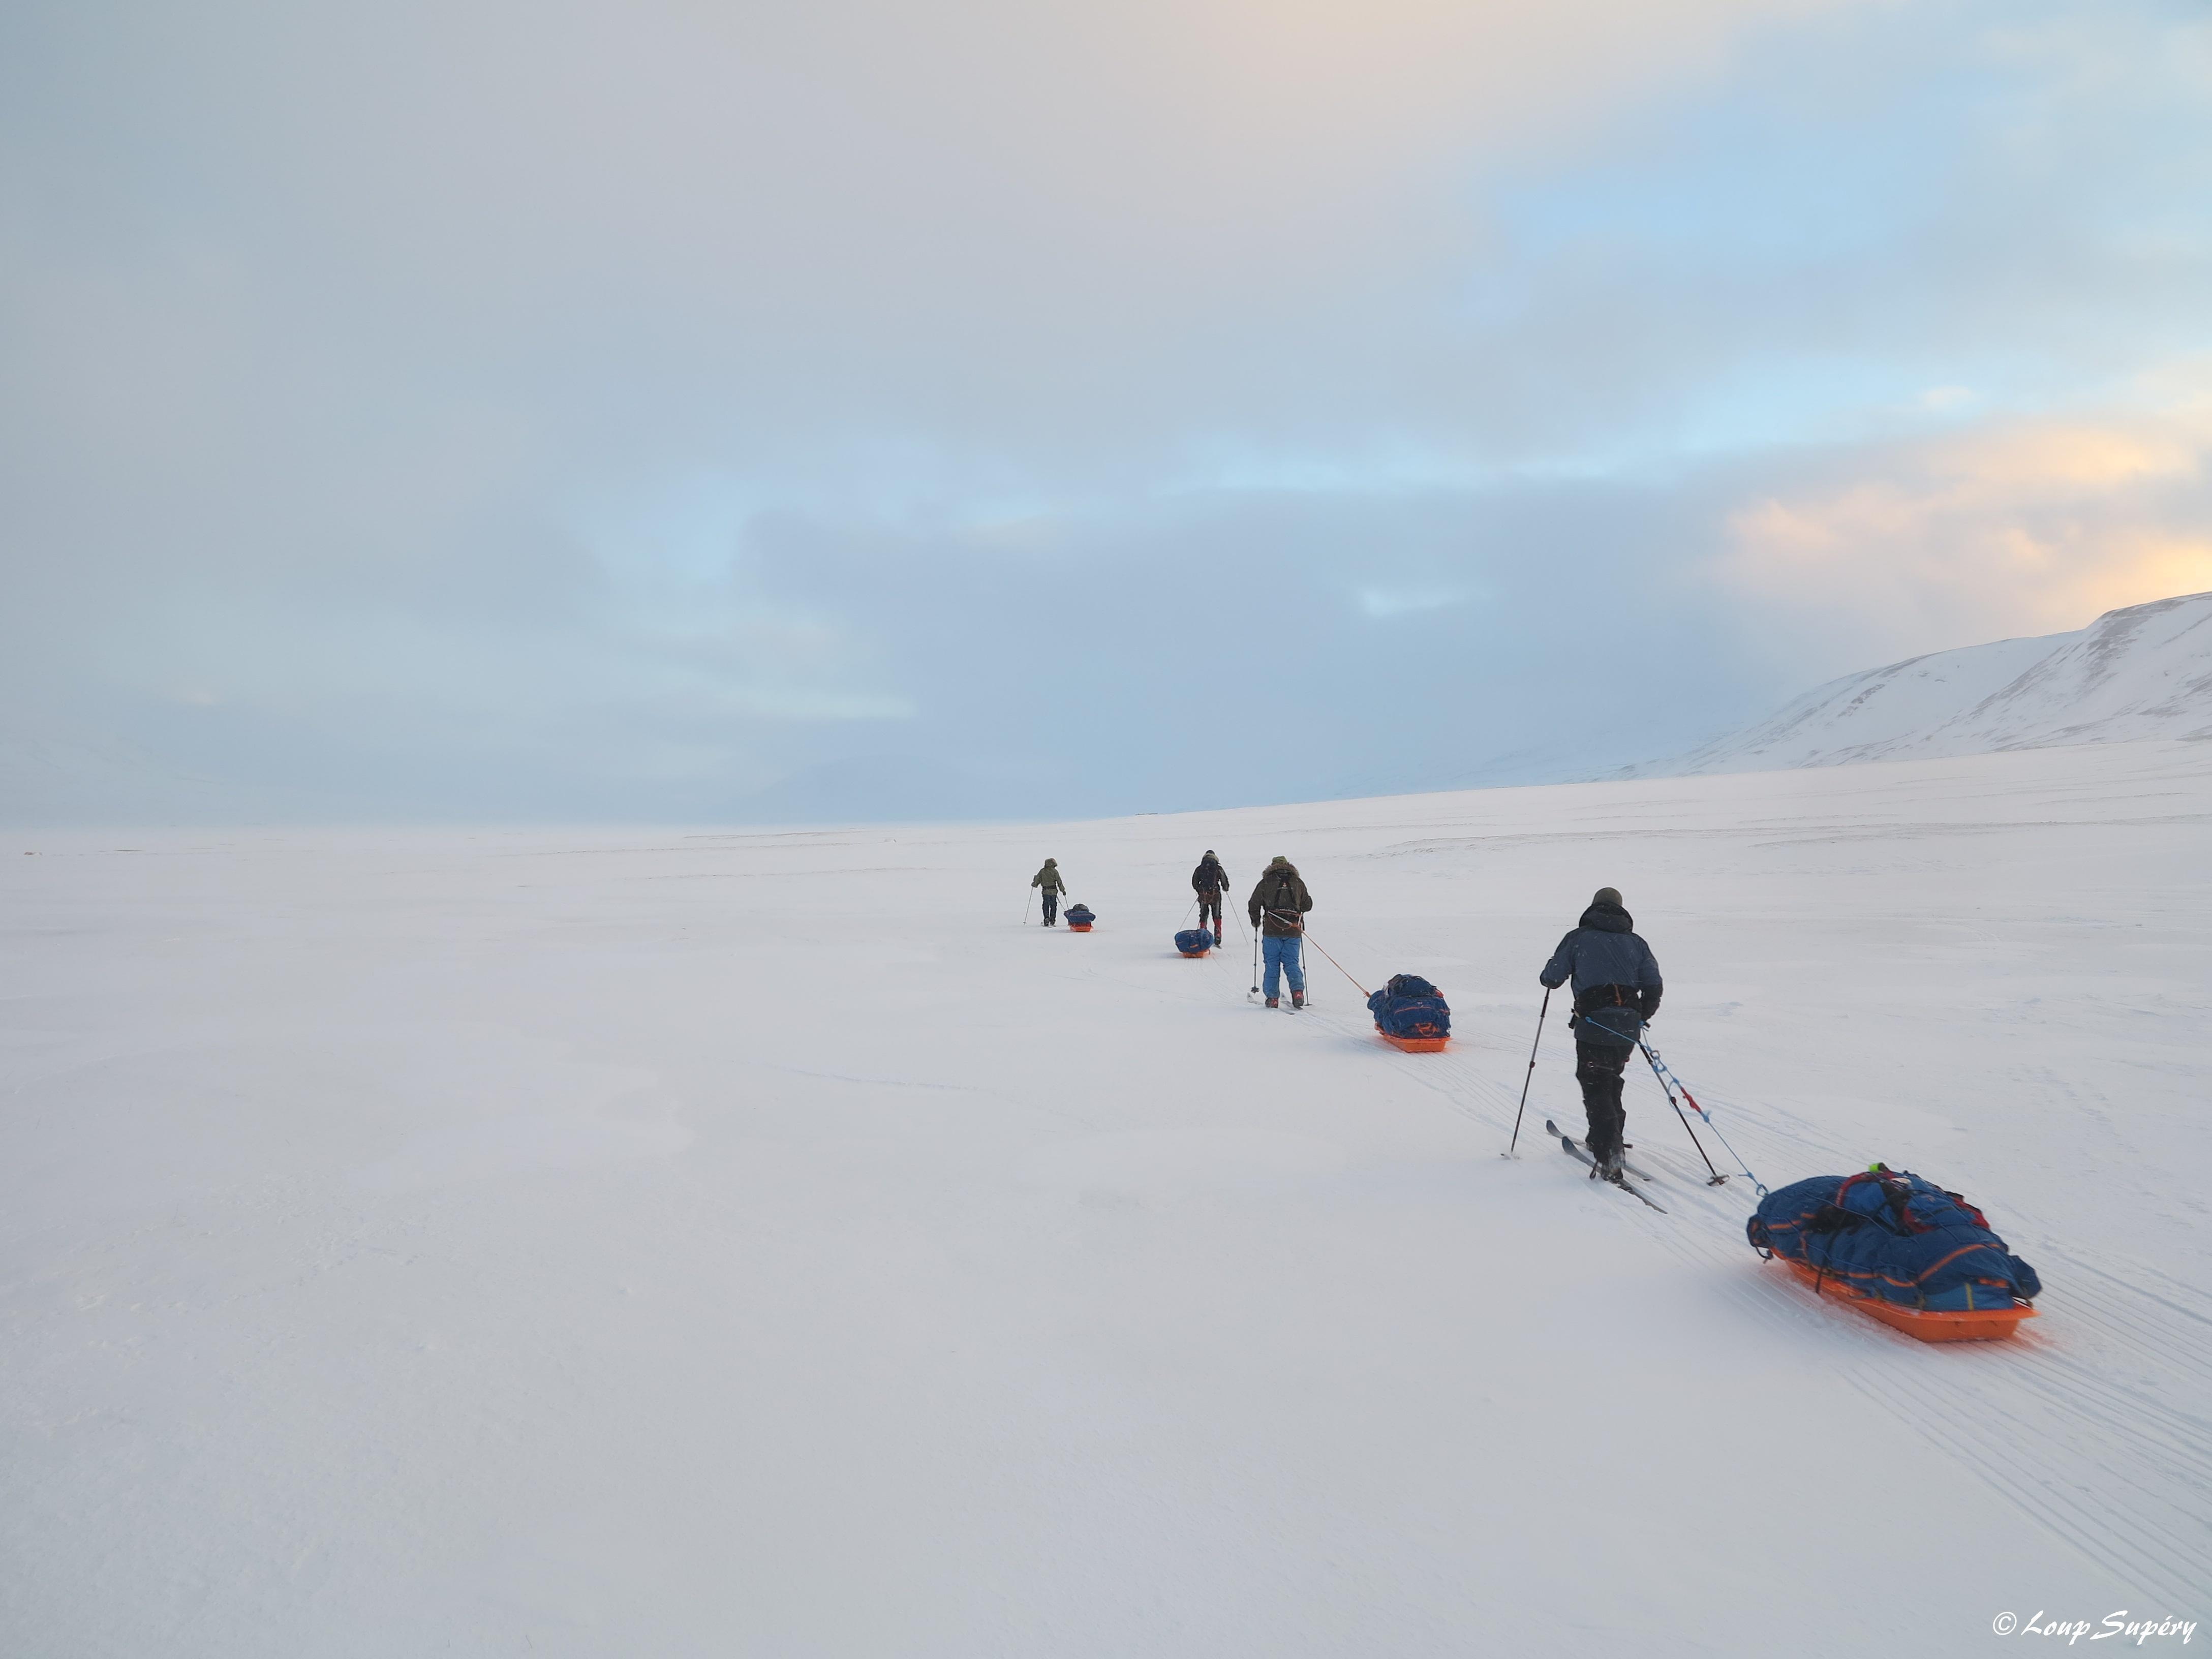 Première expédition à skis d'une semaine dans le cadre de la formation. (février 2019)